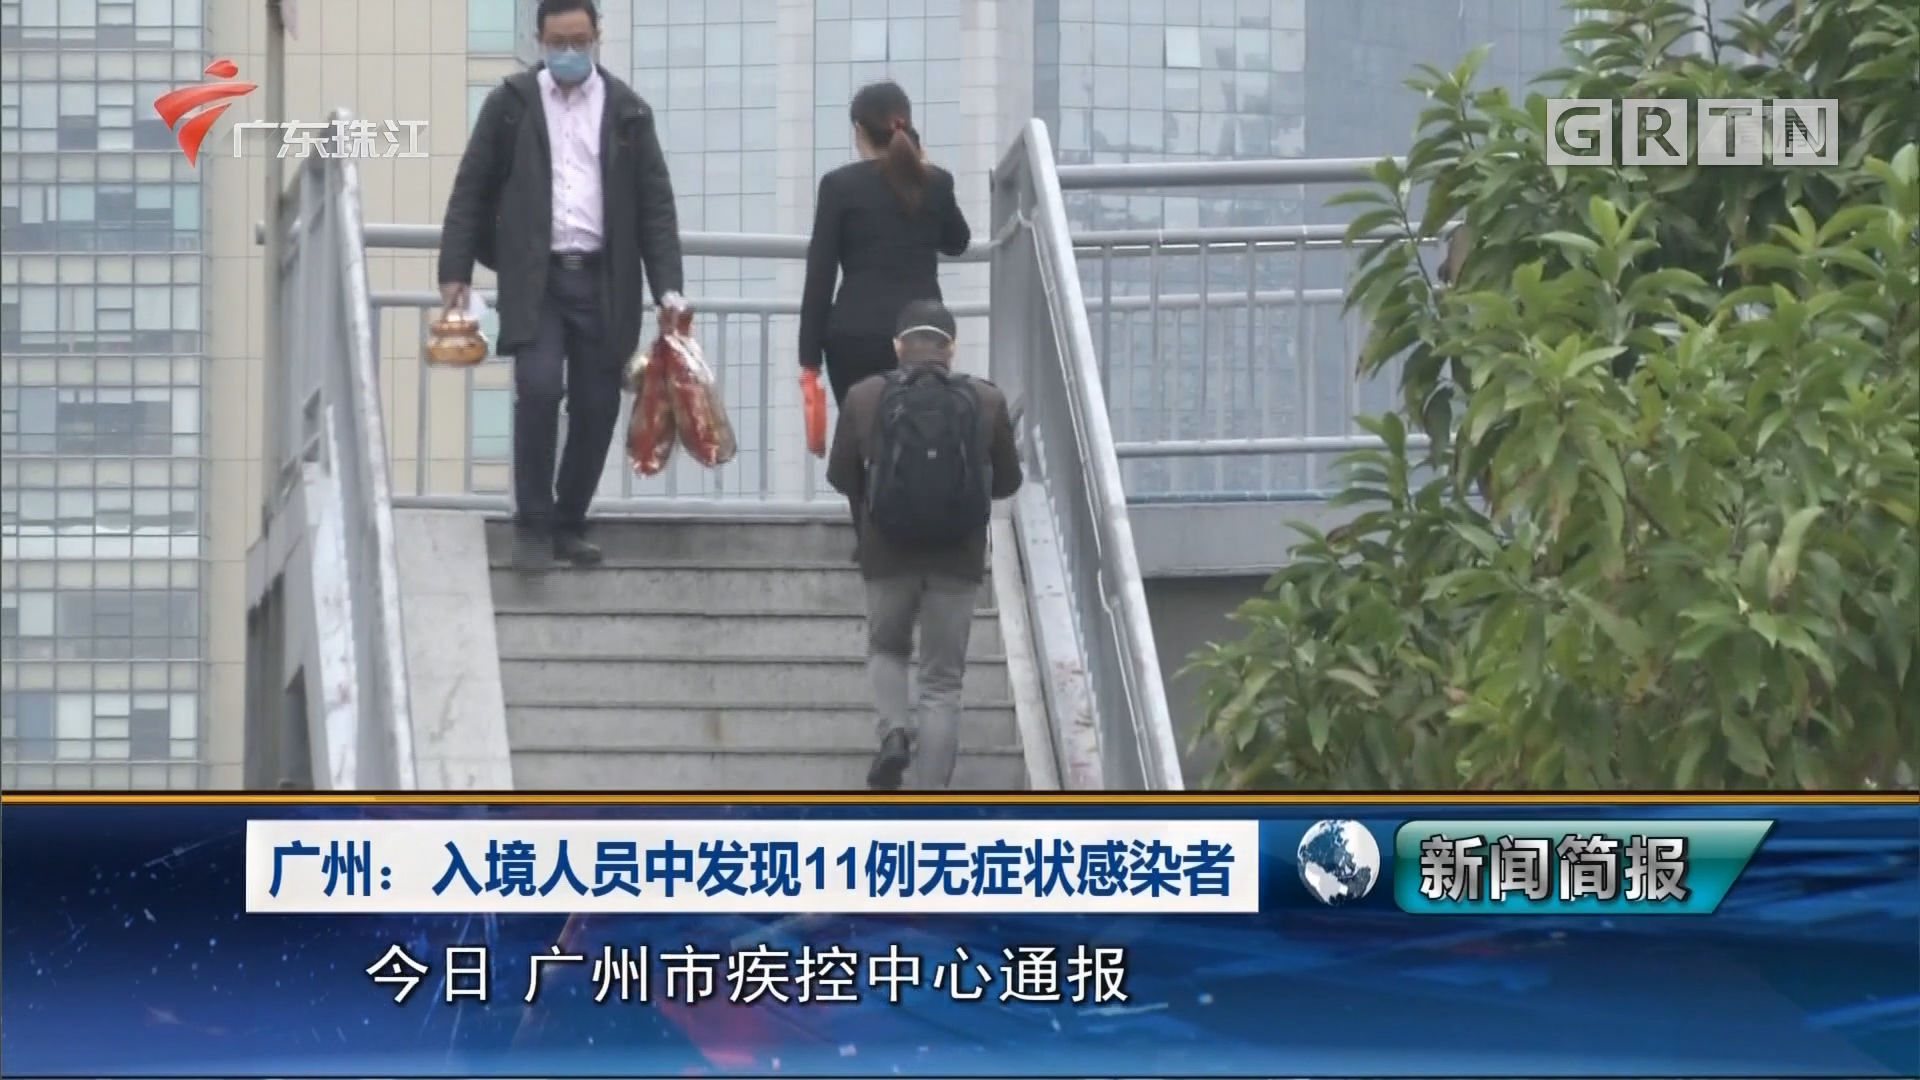 广州:入境人员中发现11例无症状感染者